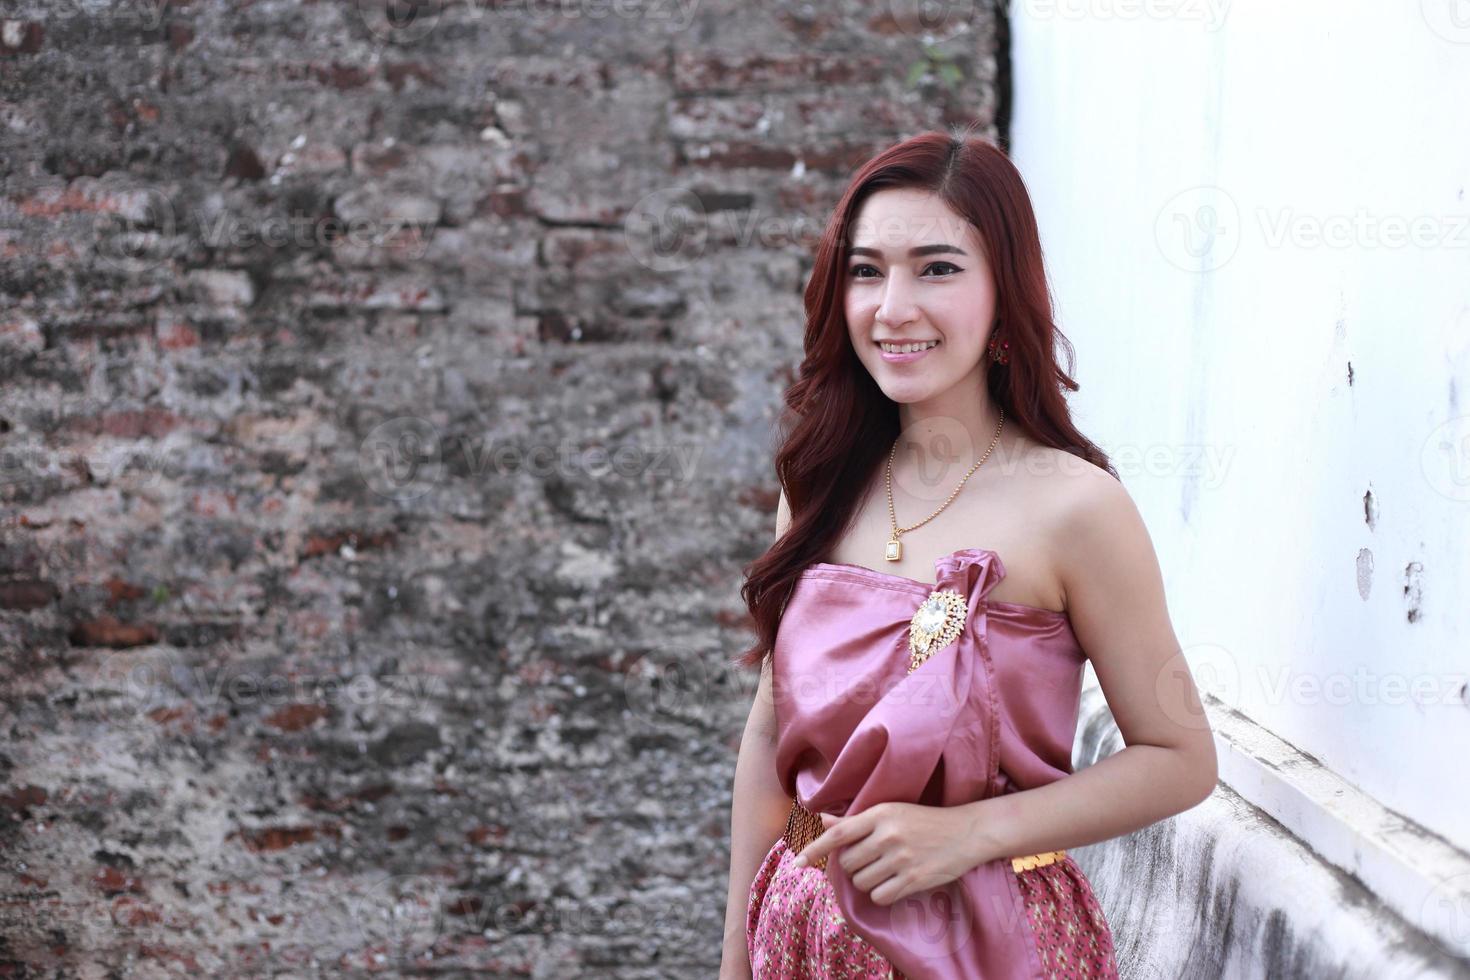 fêmea em trajes tradicionais tailandeses foto